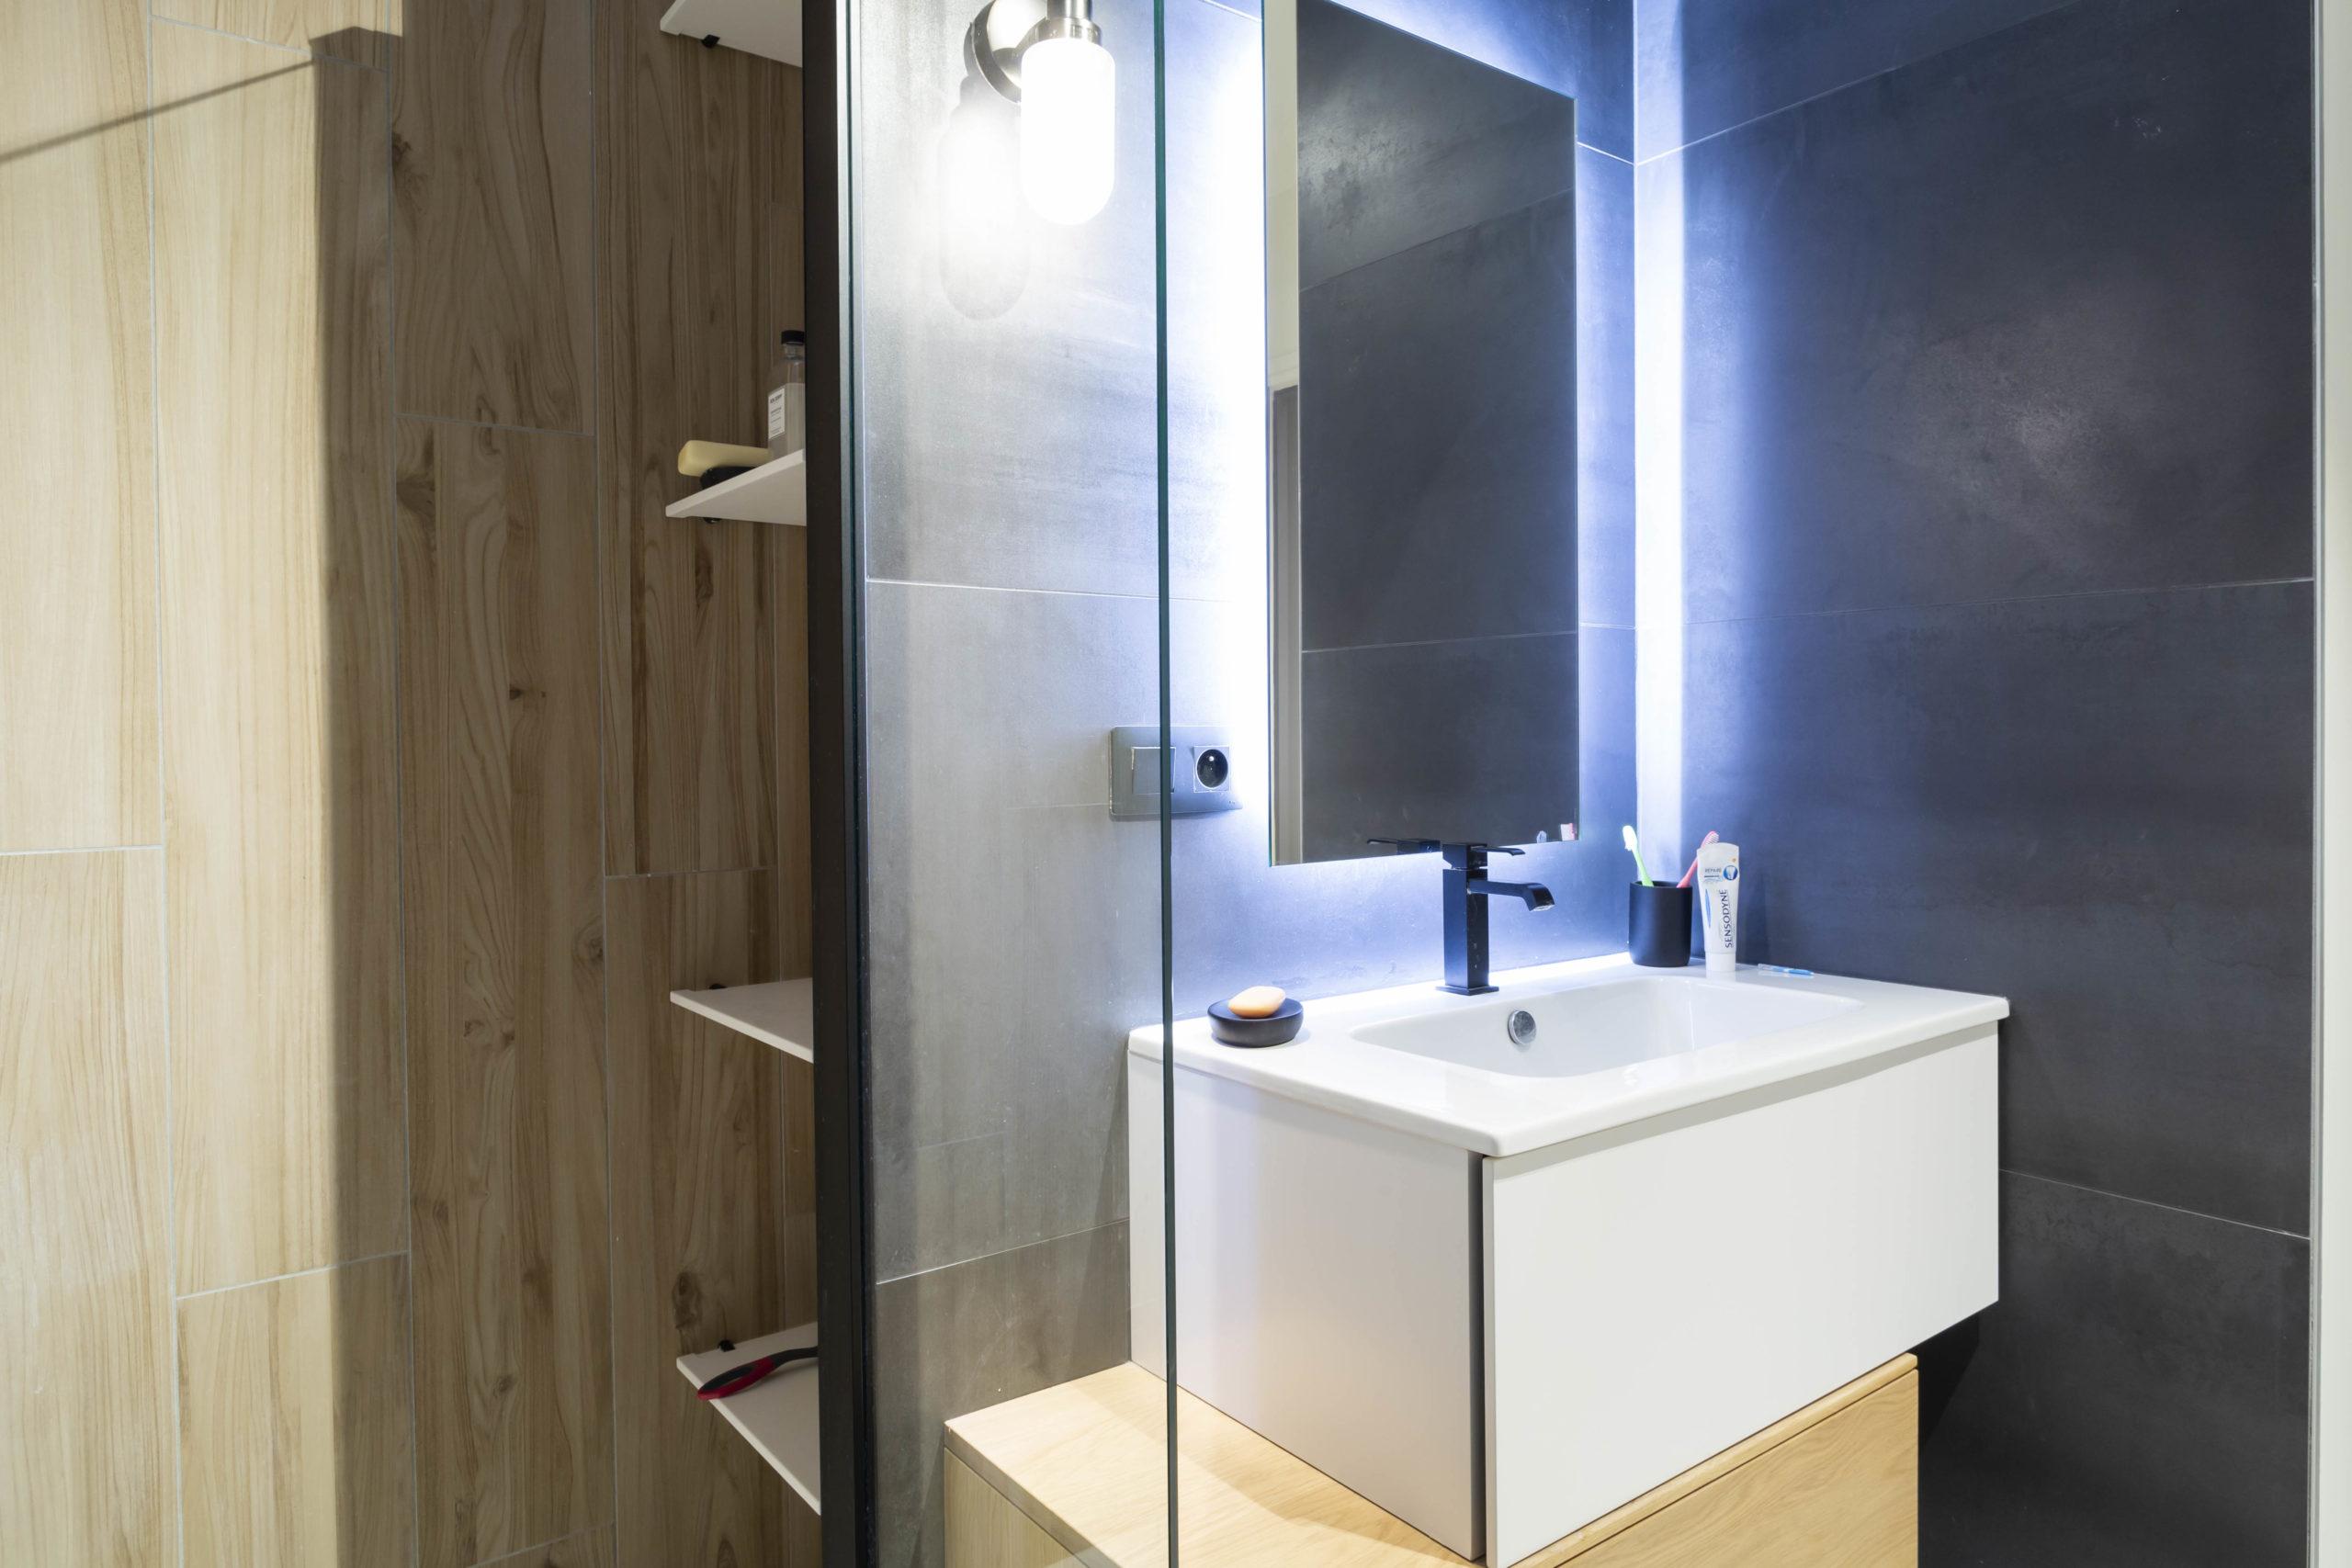 Atelier Plurielles Architectures Réaménagement appartement Anglet - salle de bain